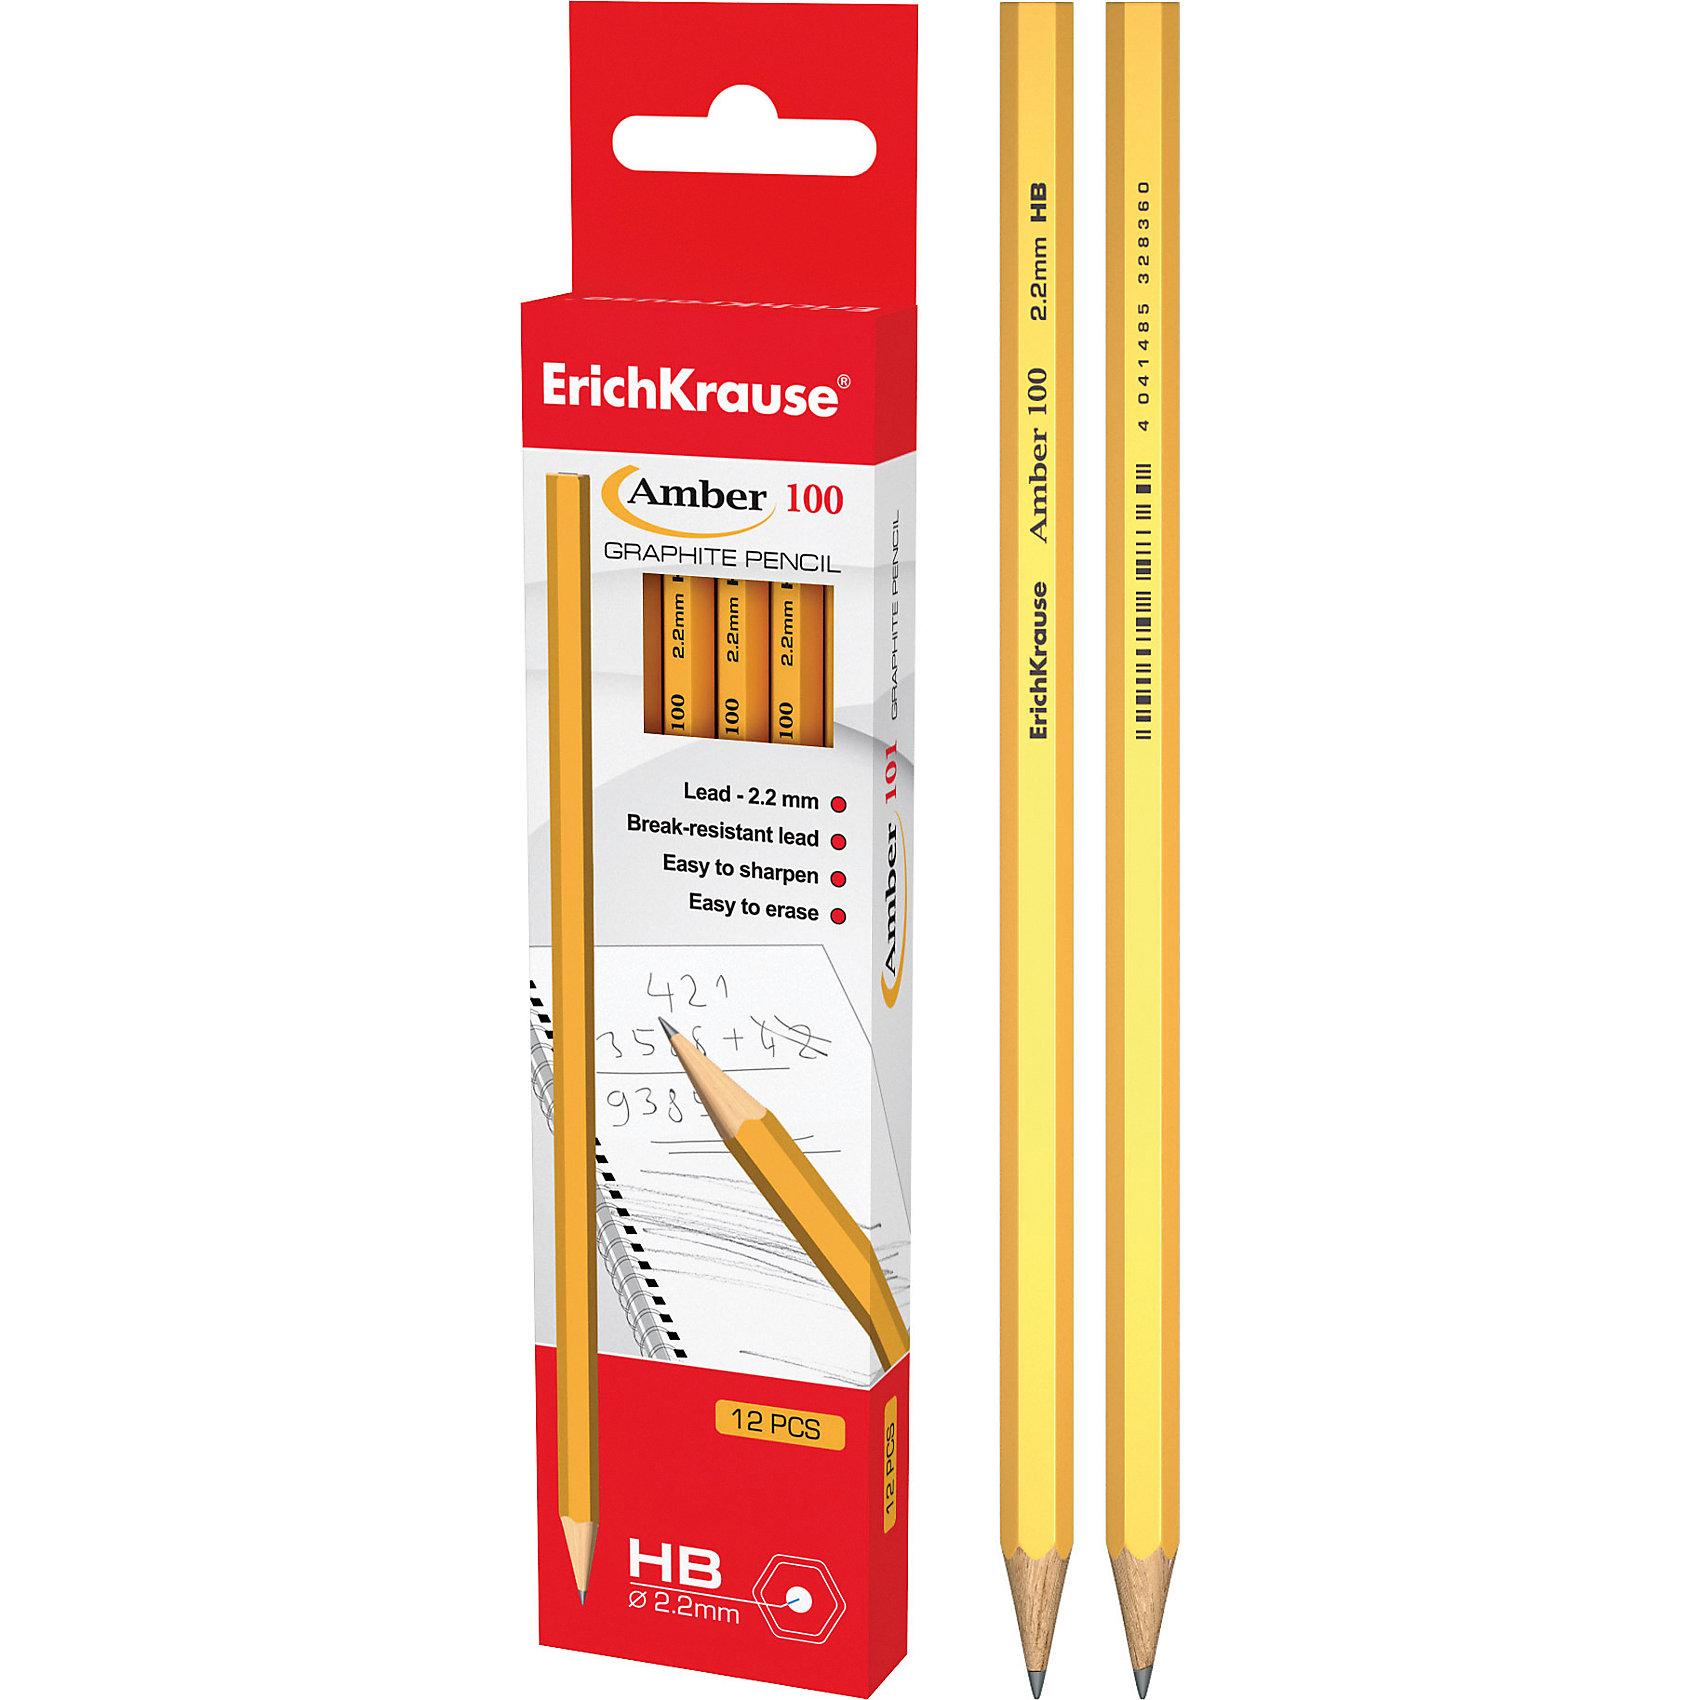 Чернографитный карандаш AMBER 100 (HB) шестигранный, 12 шт., Erich KrauseПисьменные принадлежности<br>Чернографитный карандаш AMBER 100 (HB) шестигранный, 12 шт., Erich Krause.<br><br>Характеристики:<br><br>• Количество: 12 шт.<br>• Материал корпуса: древесина<br>• Цвет корпуса: желтый<br>• Диаметр грифеля: 2,2 мм.<br>• Твердость грифеля: НВ<br>• Длина карандаша: 17 см.<br><br>Чернографитные карандаши Erich Krause Amber 100 - идеальный инструмент для письма, рисования и черчения. Шестигранный корпус выполнен из древесины. Высококачественный ударопрочный грифель не крошится и не ломается при заточке. В набор входят 12 чернографитных заточенных карандаша твердостью НВ. <br><br>Чернографитный карандаш AMBER 100 (HB) шестигранный, 12 шт., Erich Krause можно купить в нашем интернет-магазине.<br><br>Ширина мм: 45<br>Глубина мм: 220<br>Высота мм: 150<br>Вес г: 120<br>Возраст от месяцев: 84<br>Возраст до месяцев: 2147483647<br>Пол: Унисекс<br>Возраст: Детский<br>SKU: 5543303